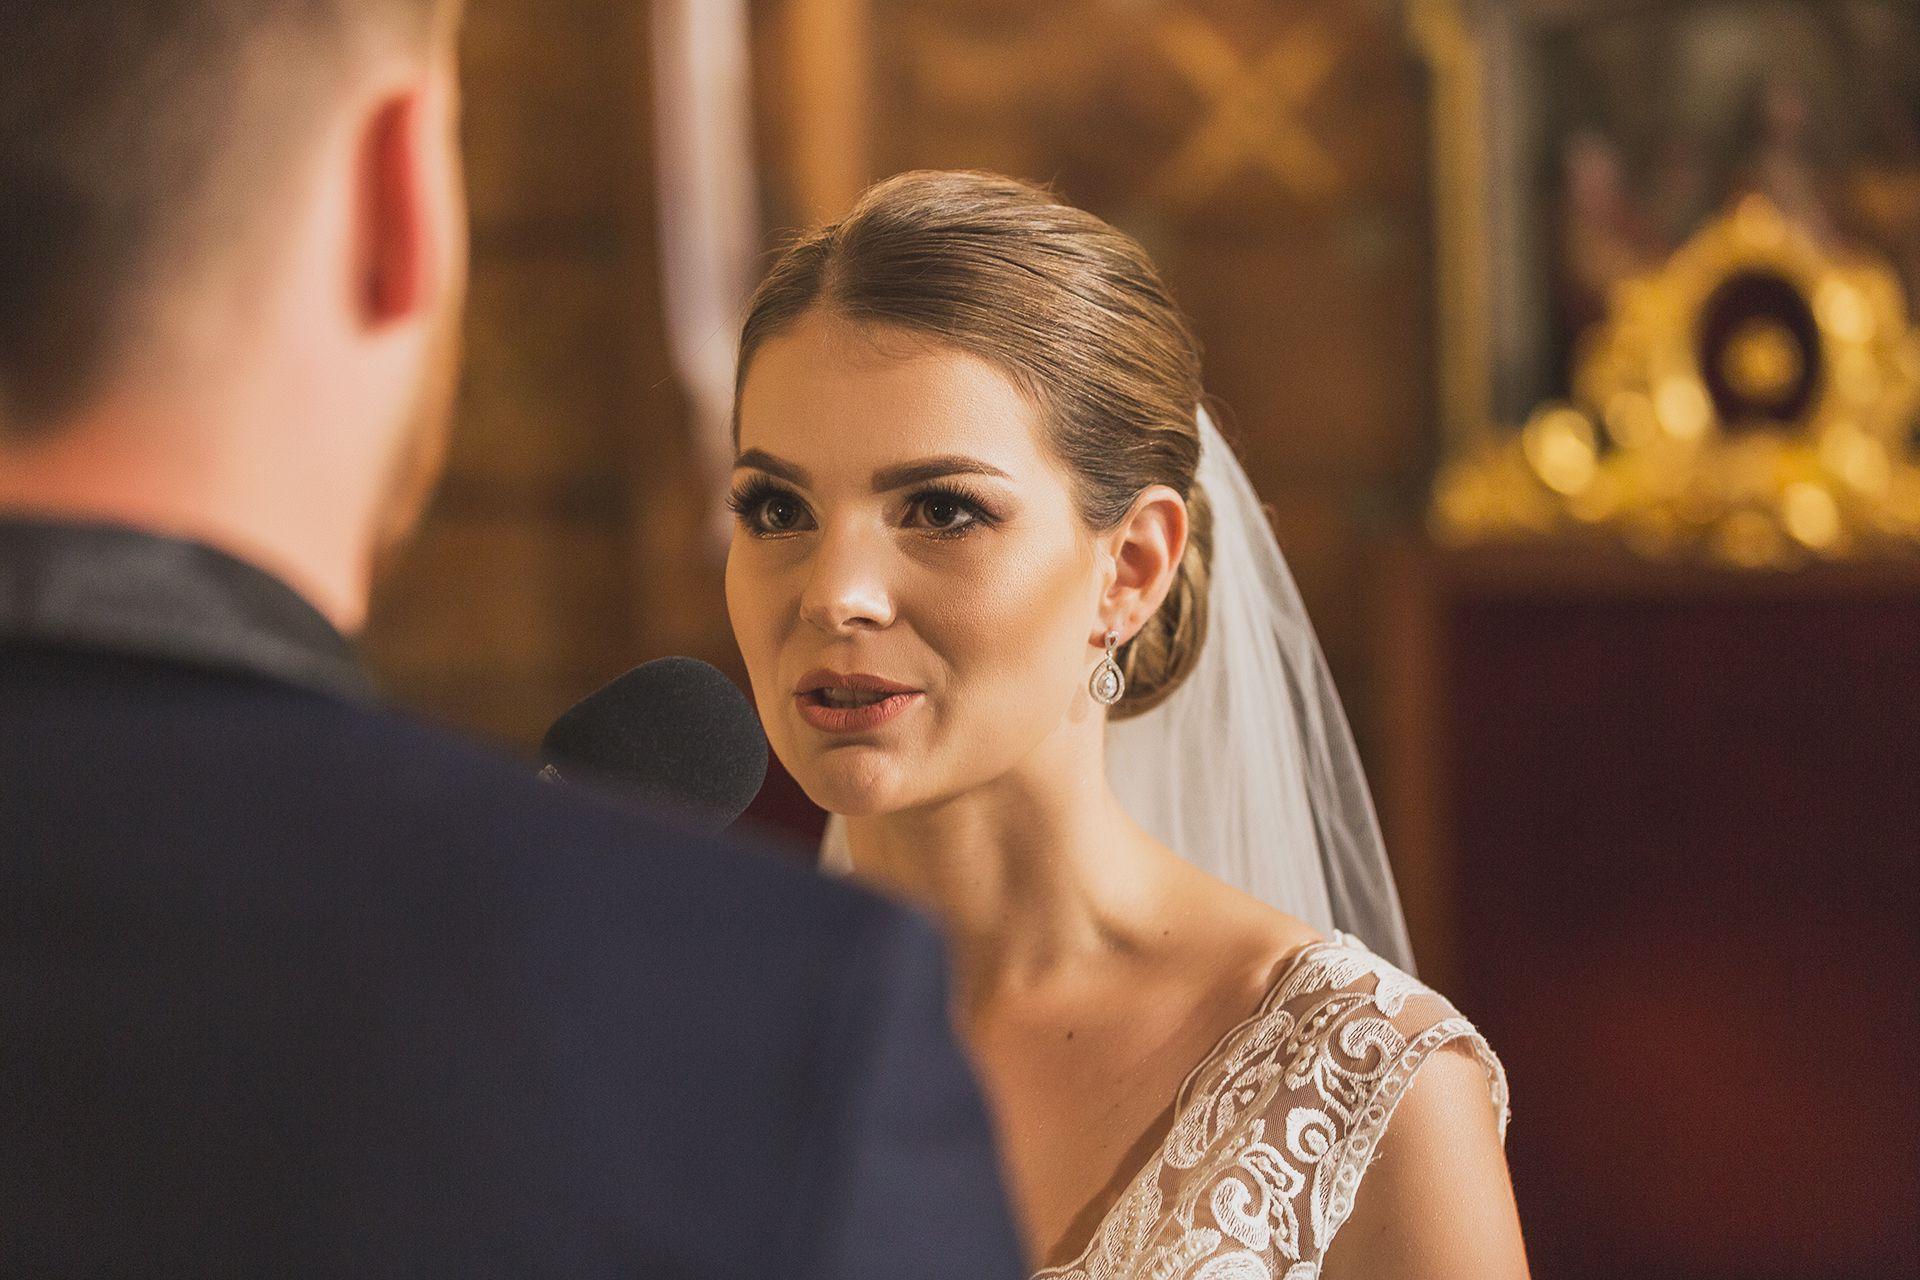 Przysięga małżeńska - Pani Młoda